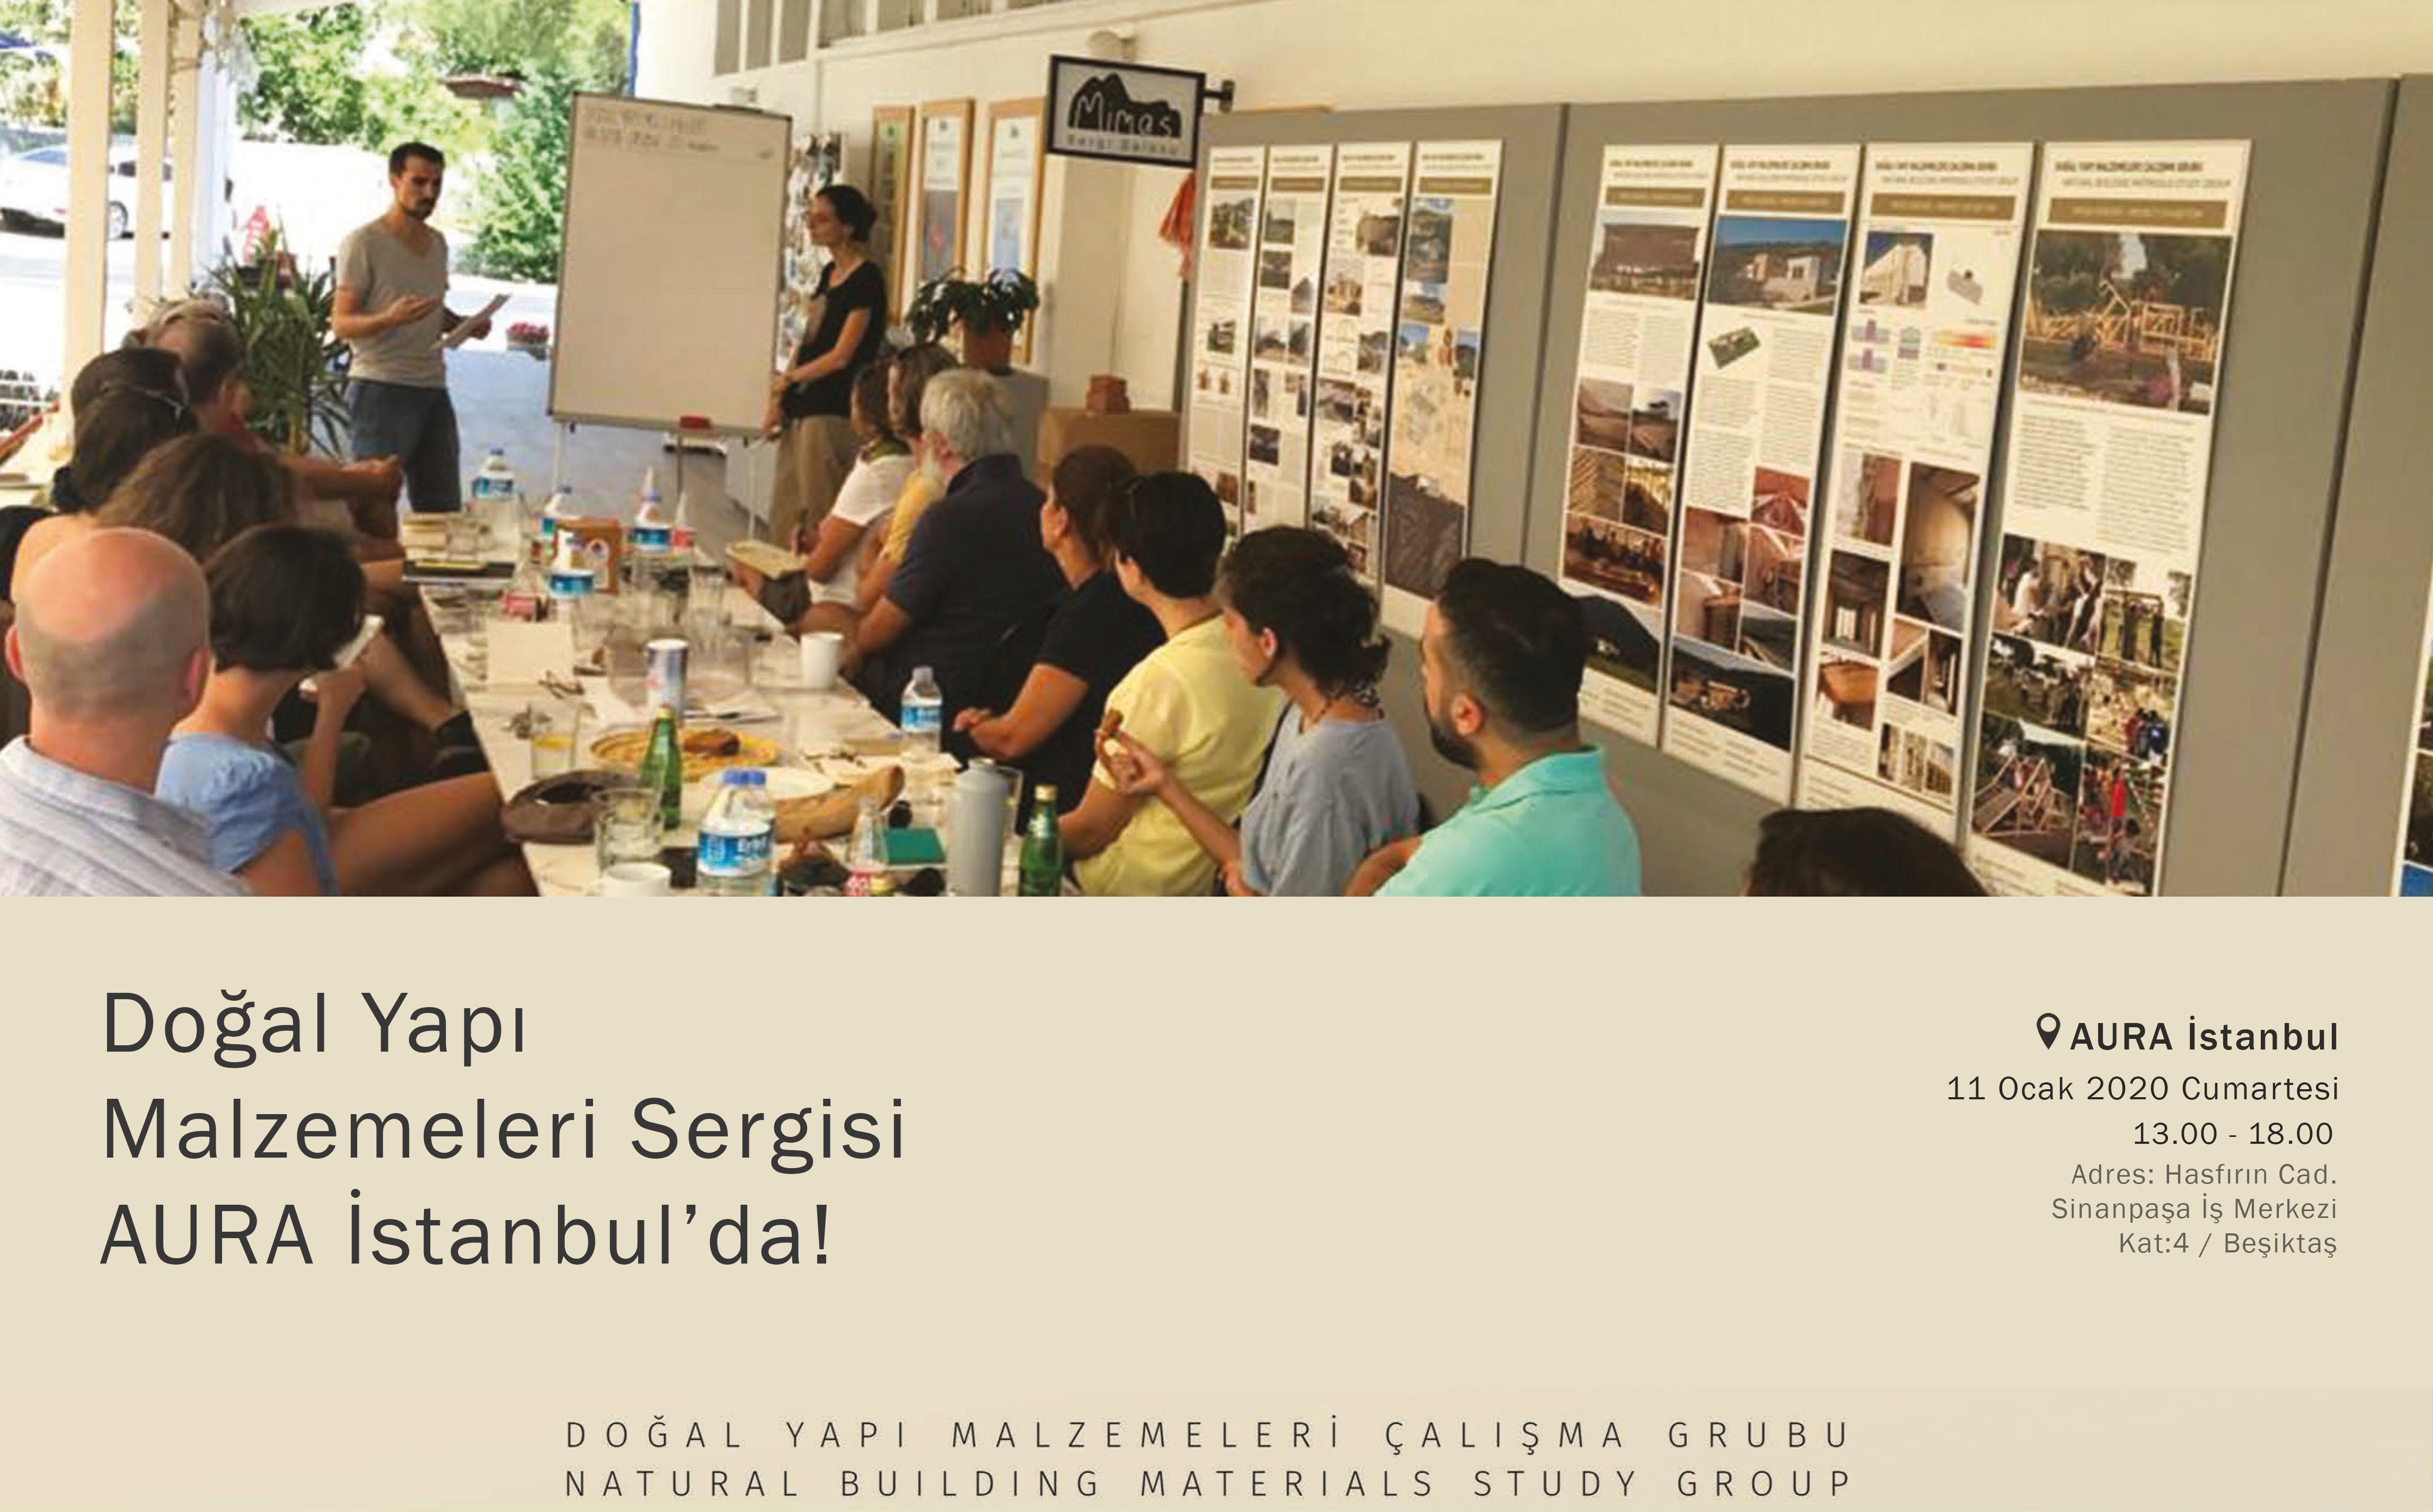 Doğal Yapı Malzemeleri Sergisi AURA İstanbul'da!